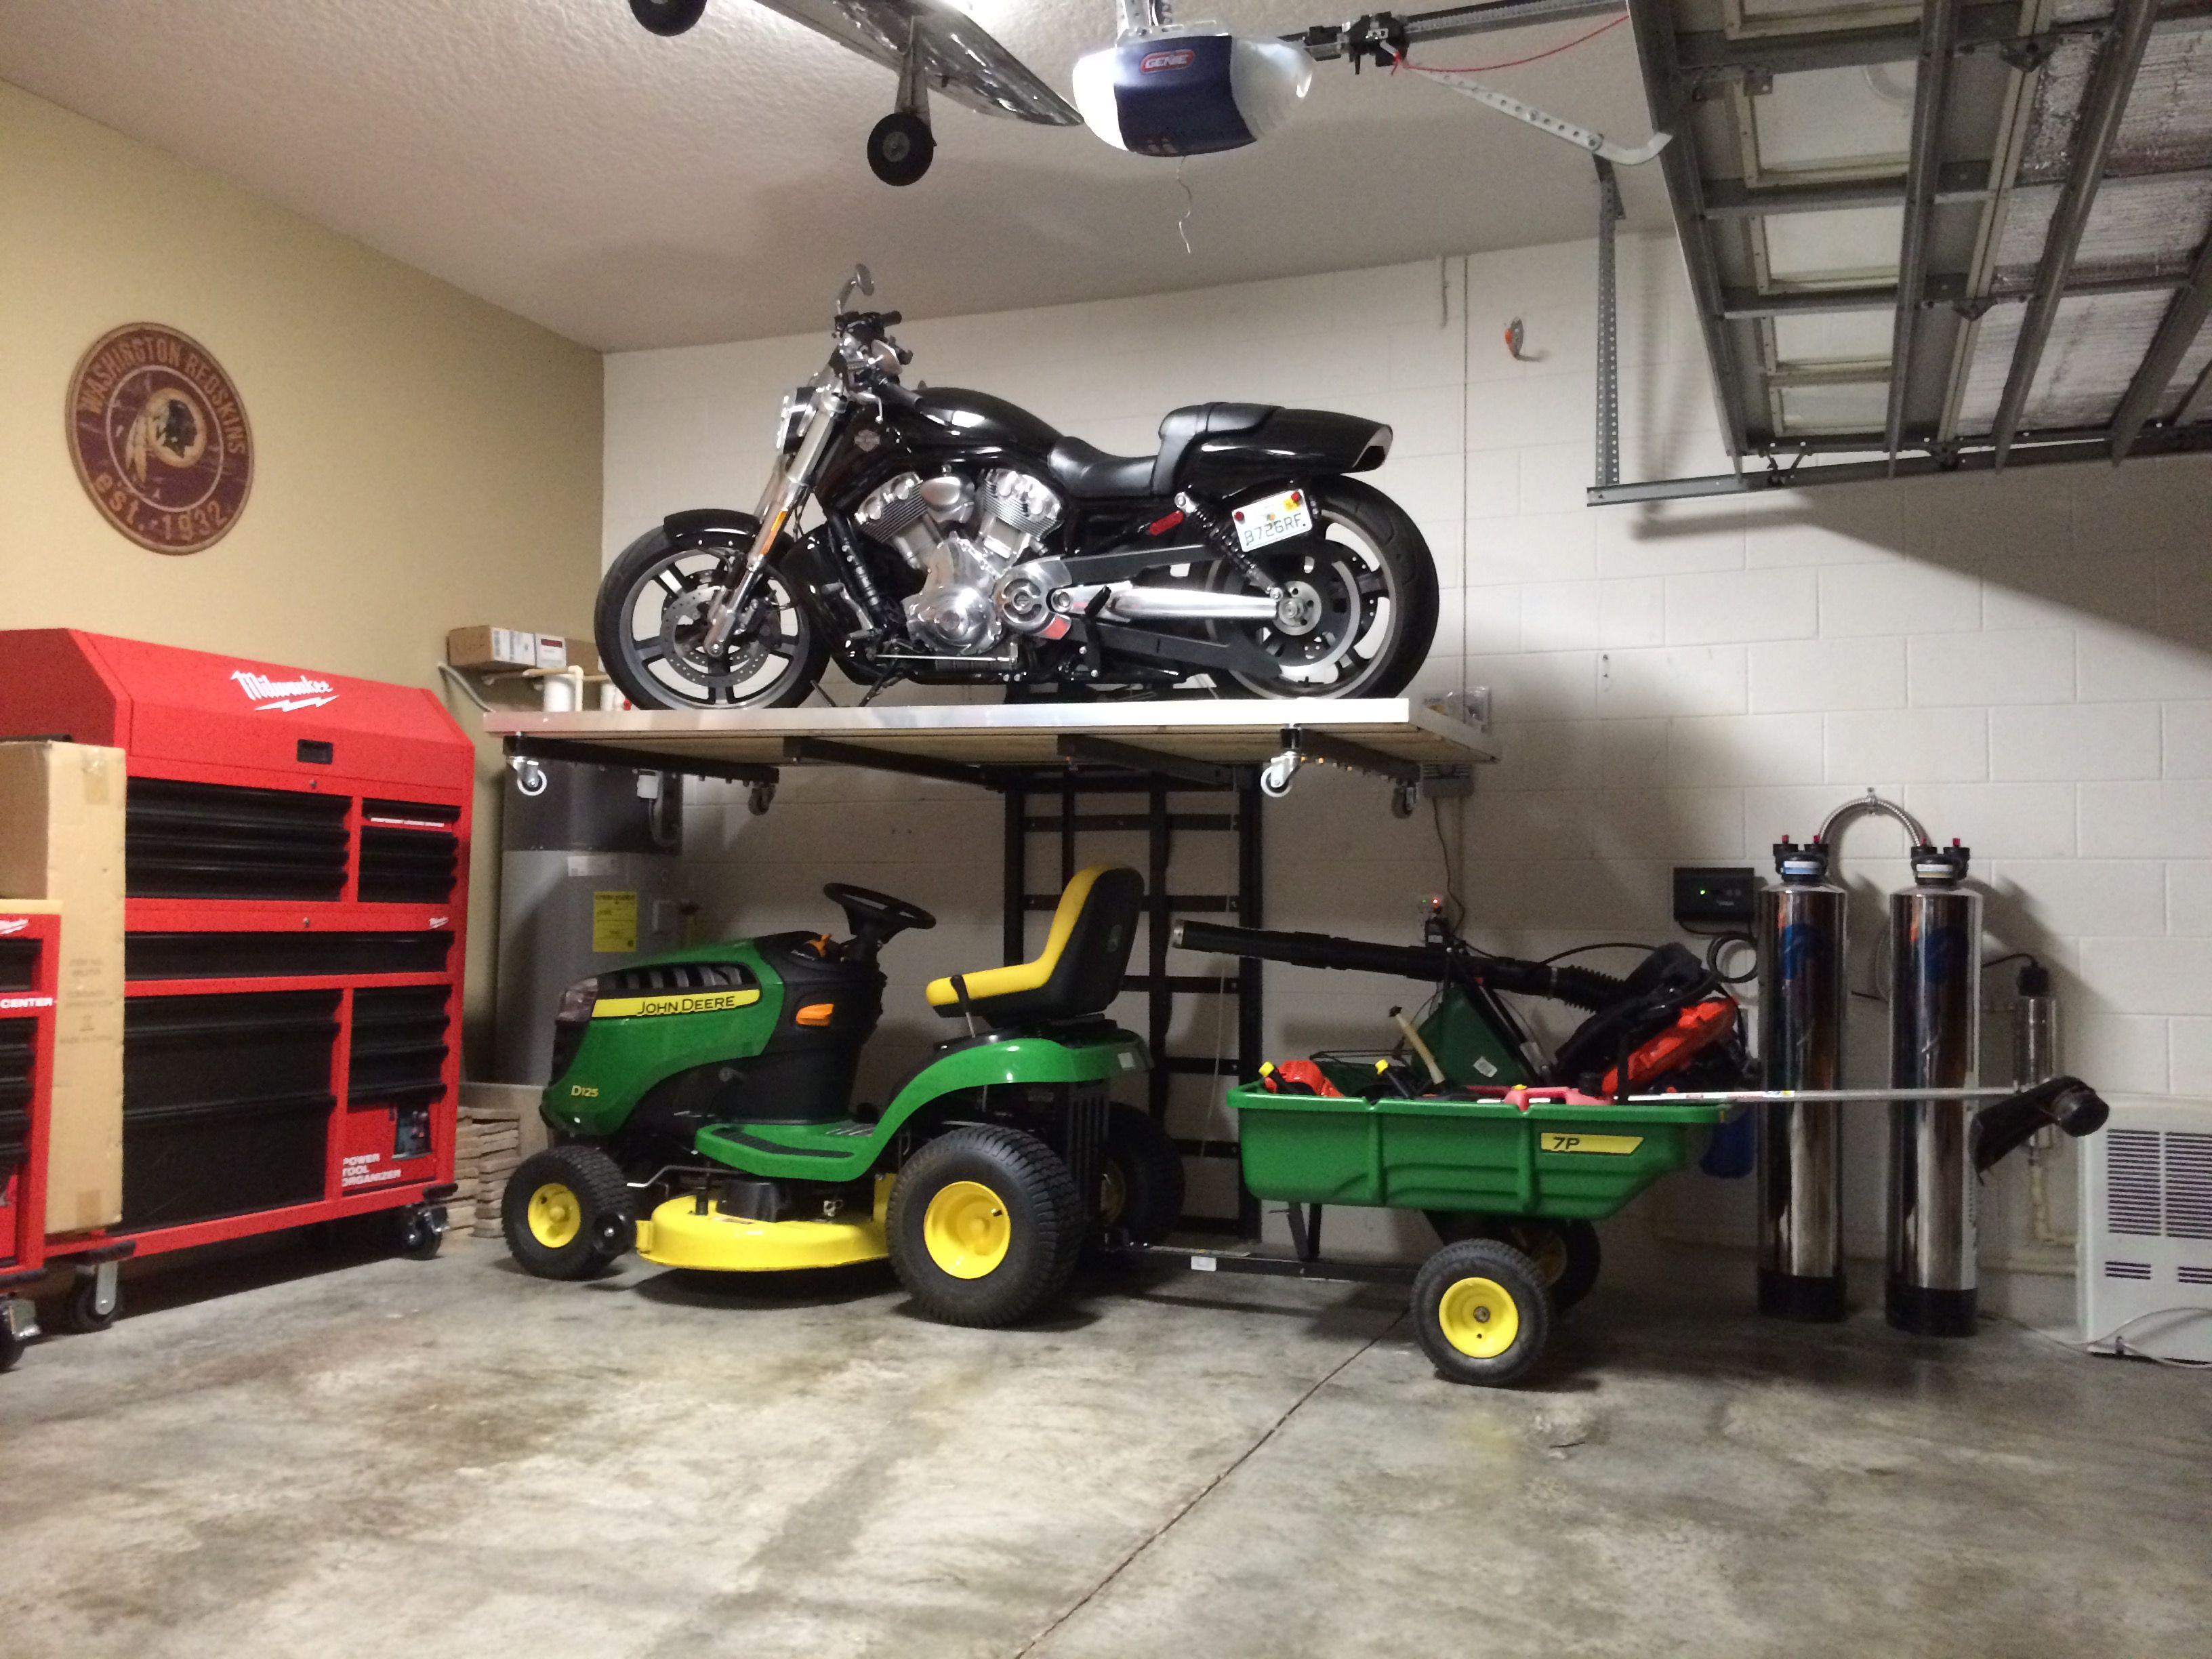 Get Your Car In The Garage Garagestorage Motorcyclelift Storagelift Motorcycle Garagenstauraum Motorradgarage Werkstatt